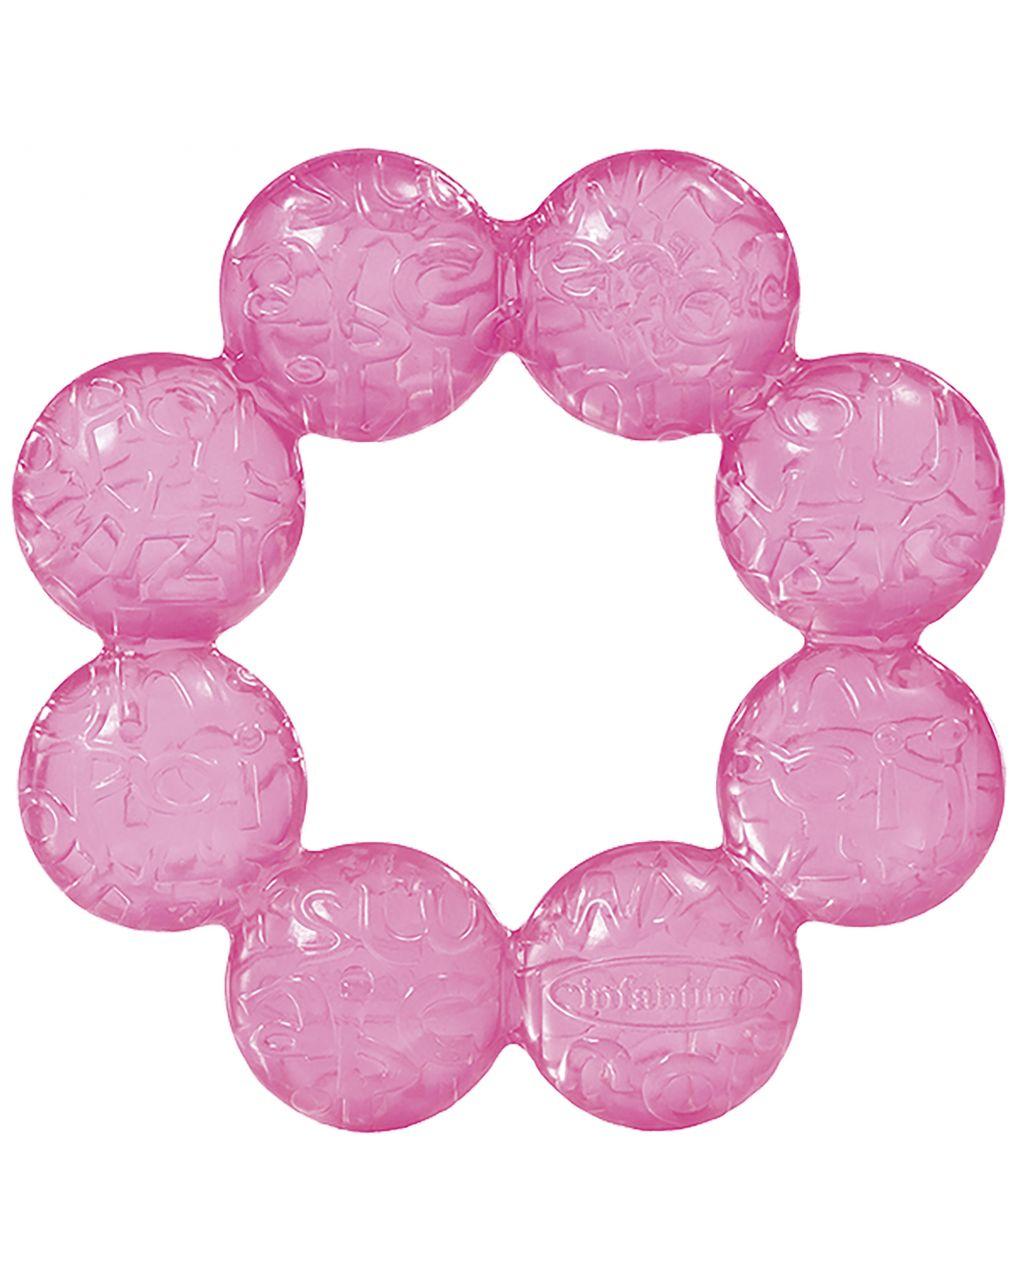 Infantino - anello dentizione rosa - Infantino